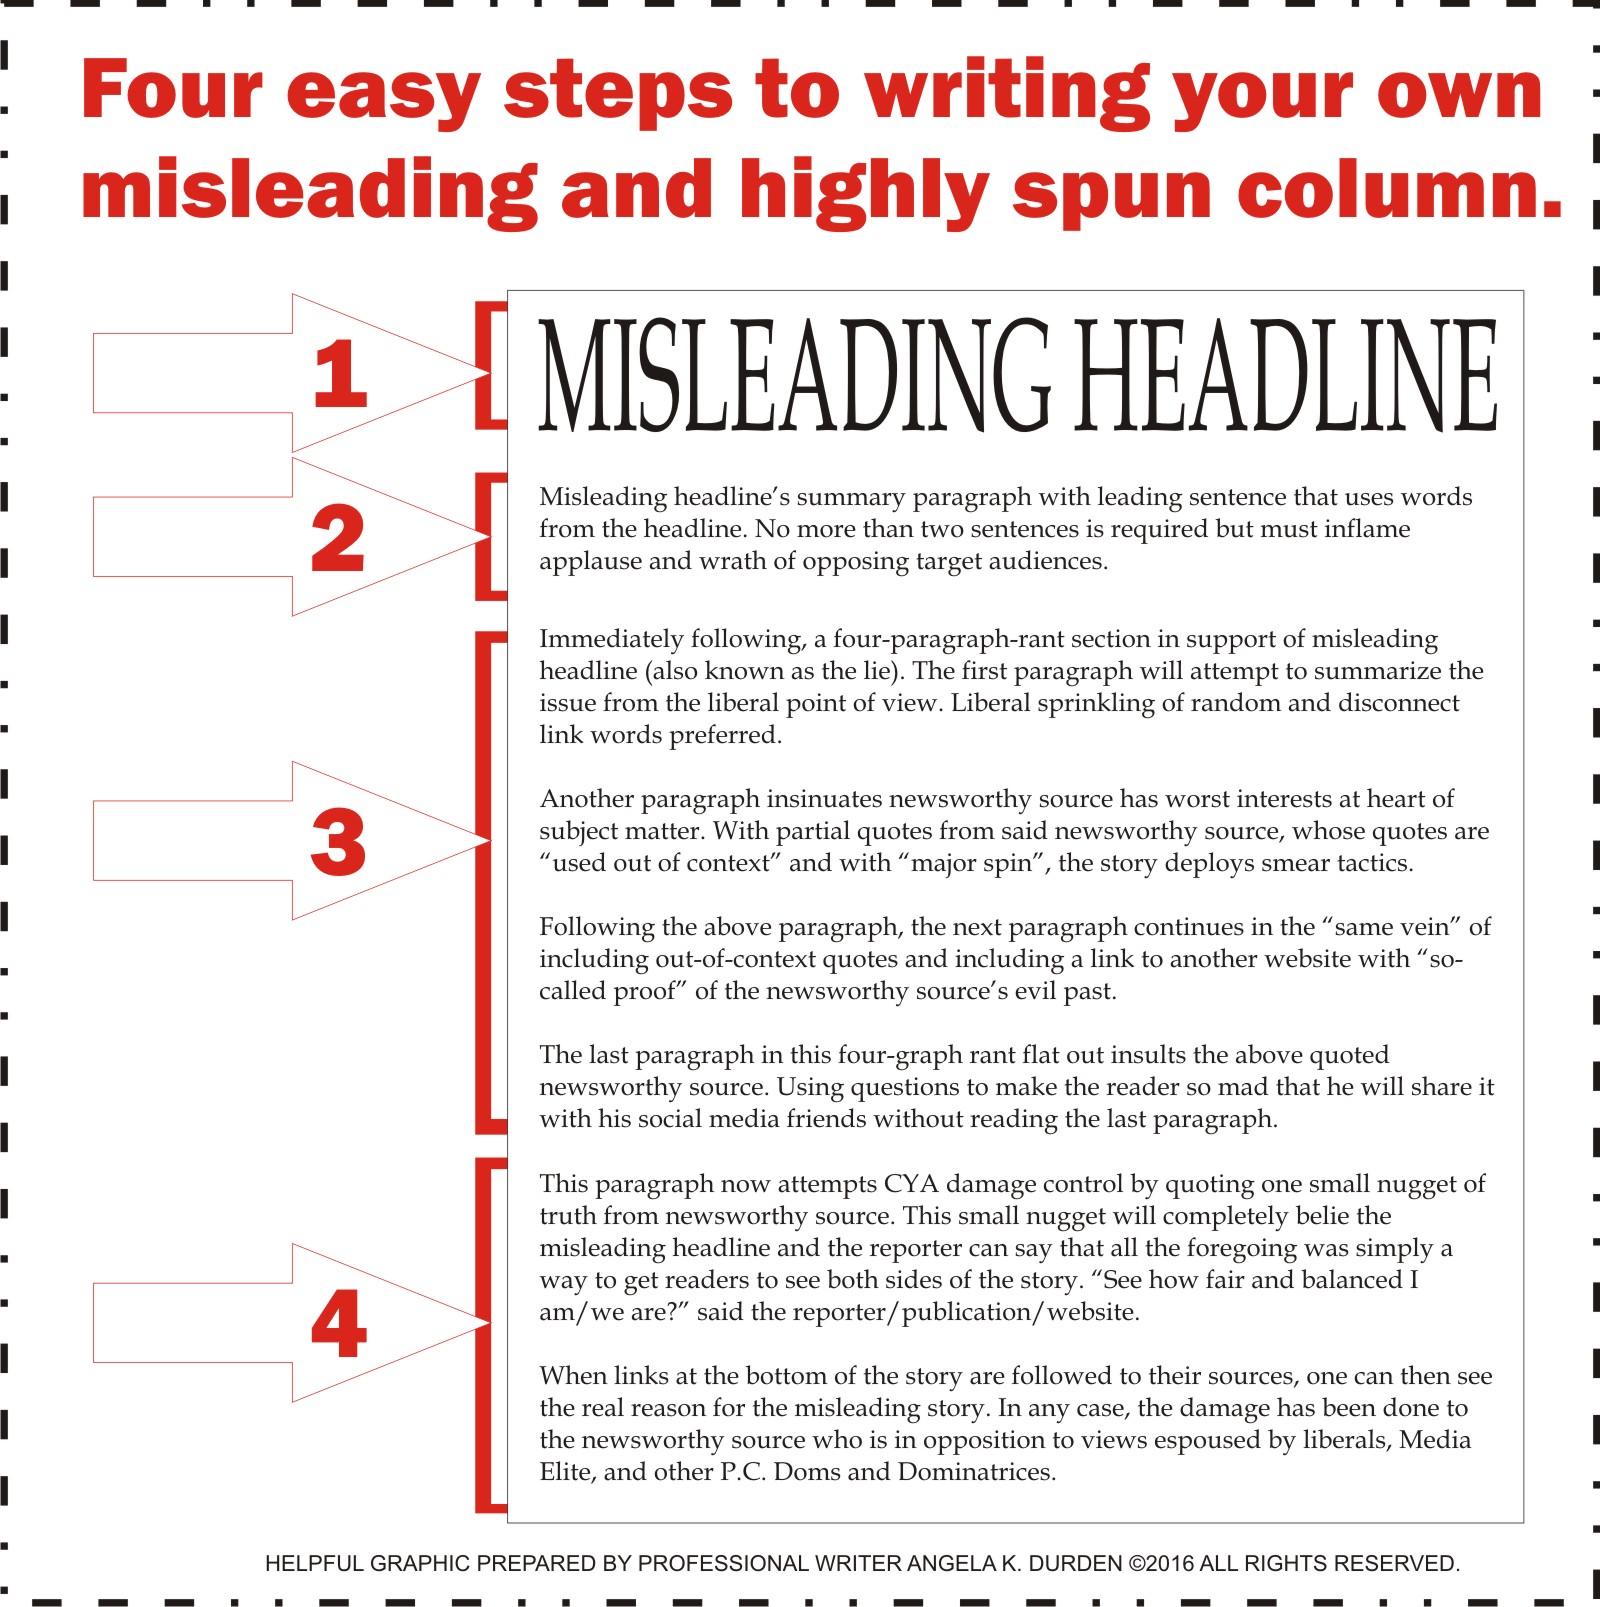 misleadingheadlinegraphic02